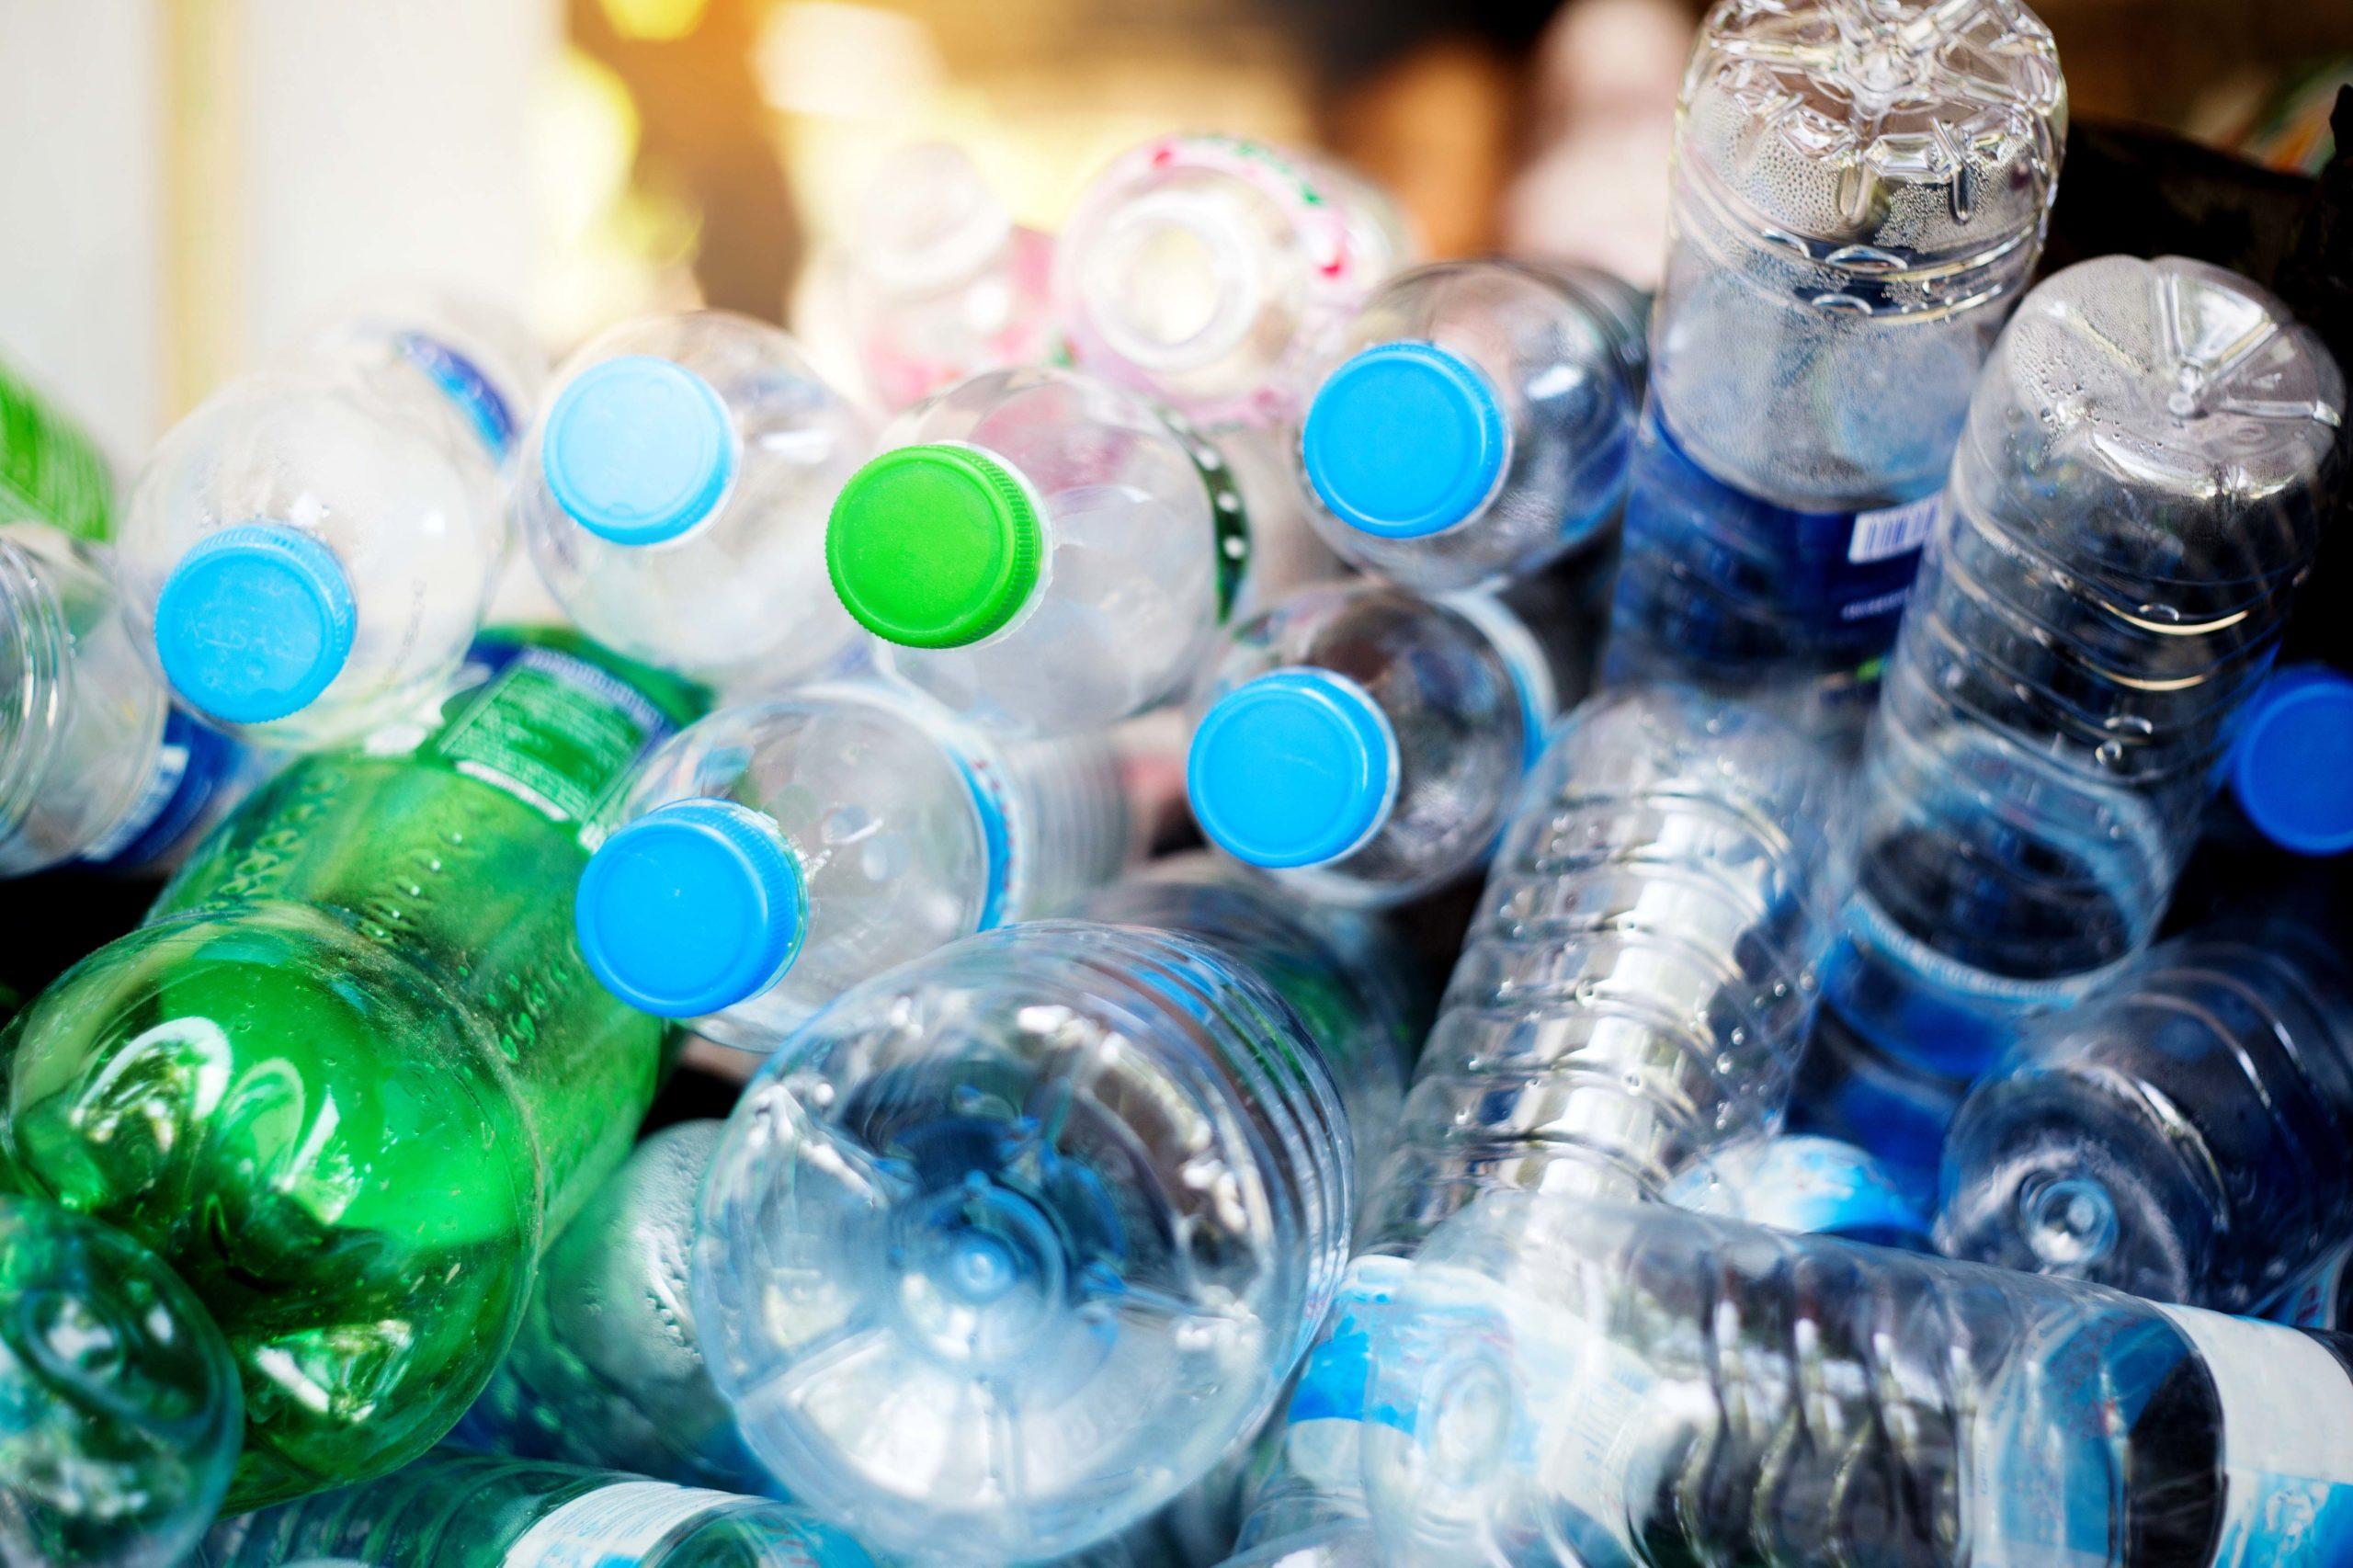 RecycleGo y DeepDive se unen para optimizar la cadena de suministro del reciclaje de plásticos apoyándose en la tecnología blockchain